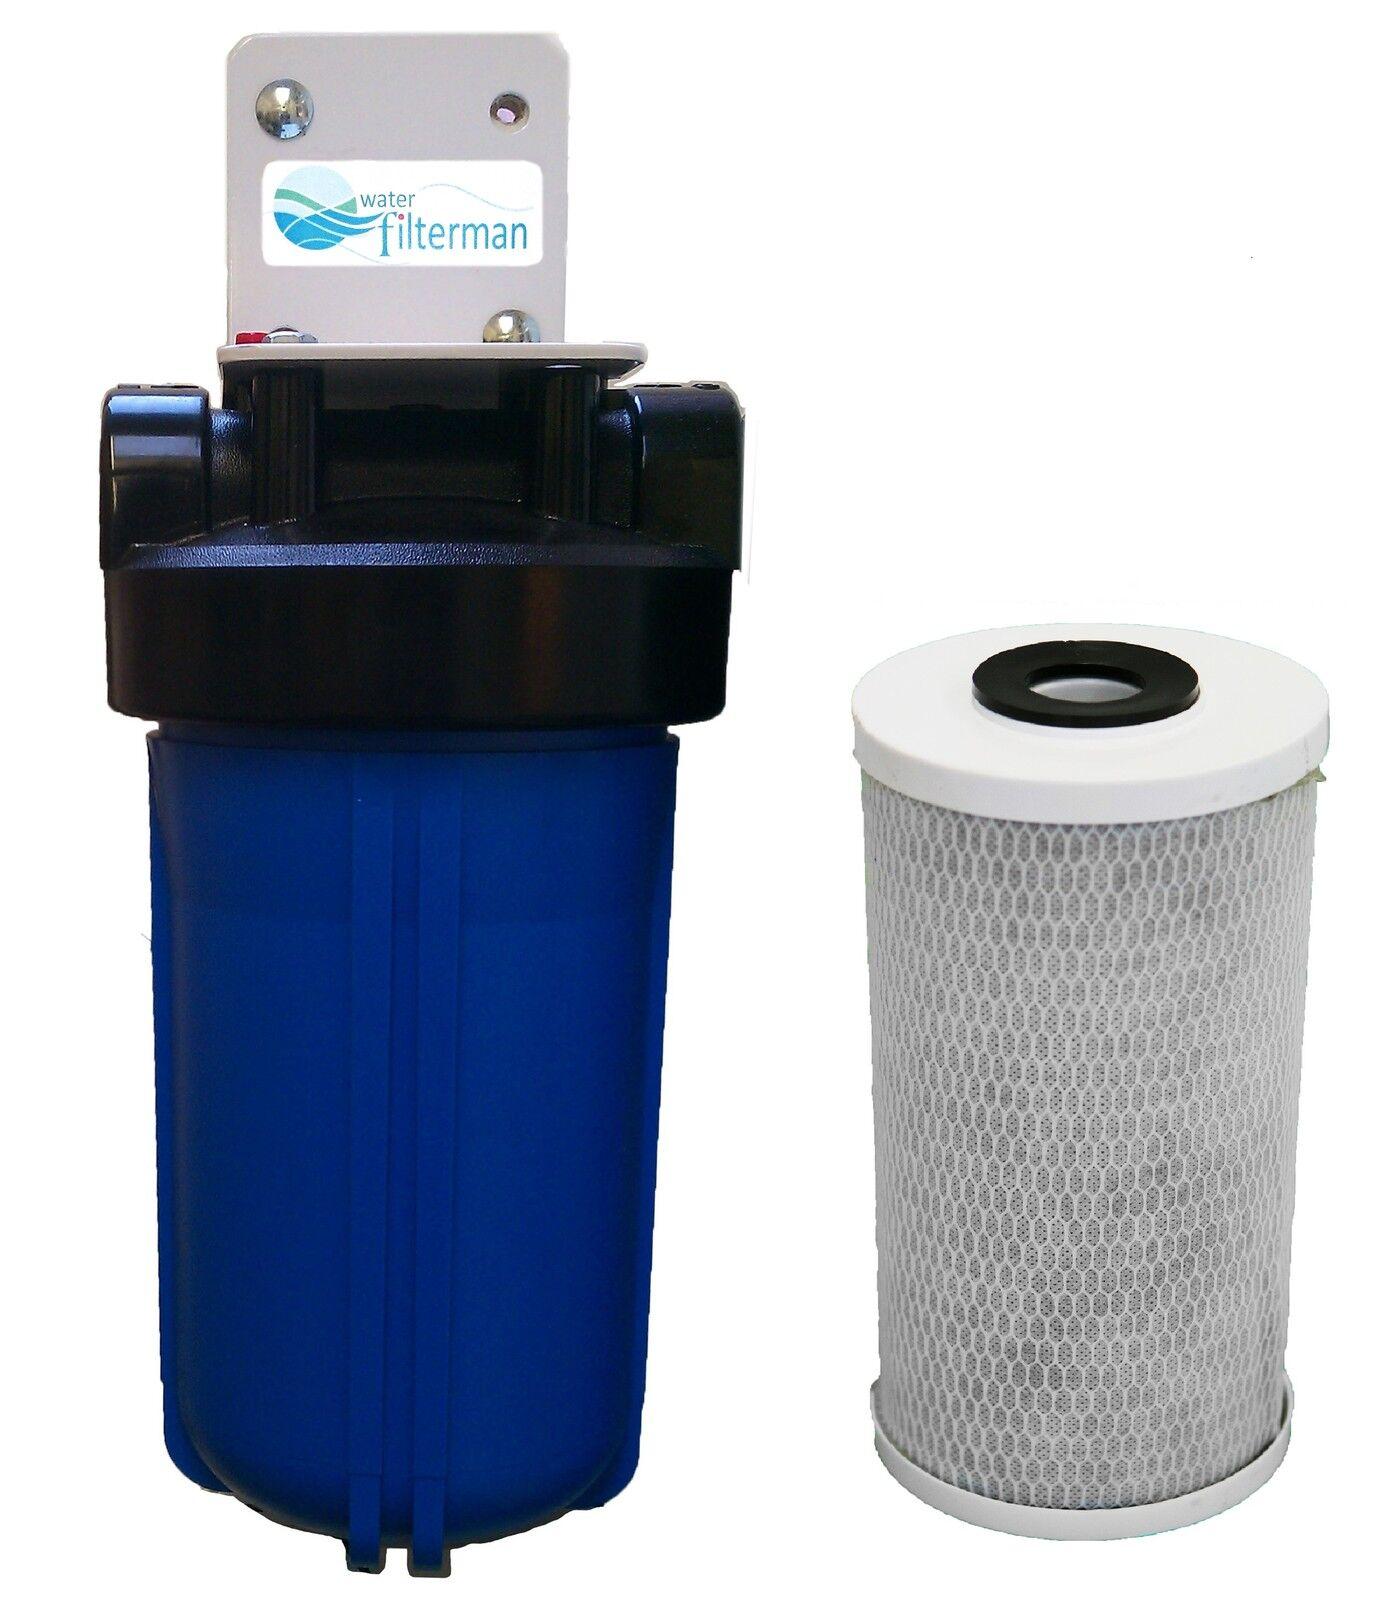 Wasserfilter System Luftreiniger, Gefiltertes Wasser Für Gesamtes Haus